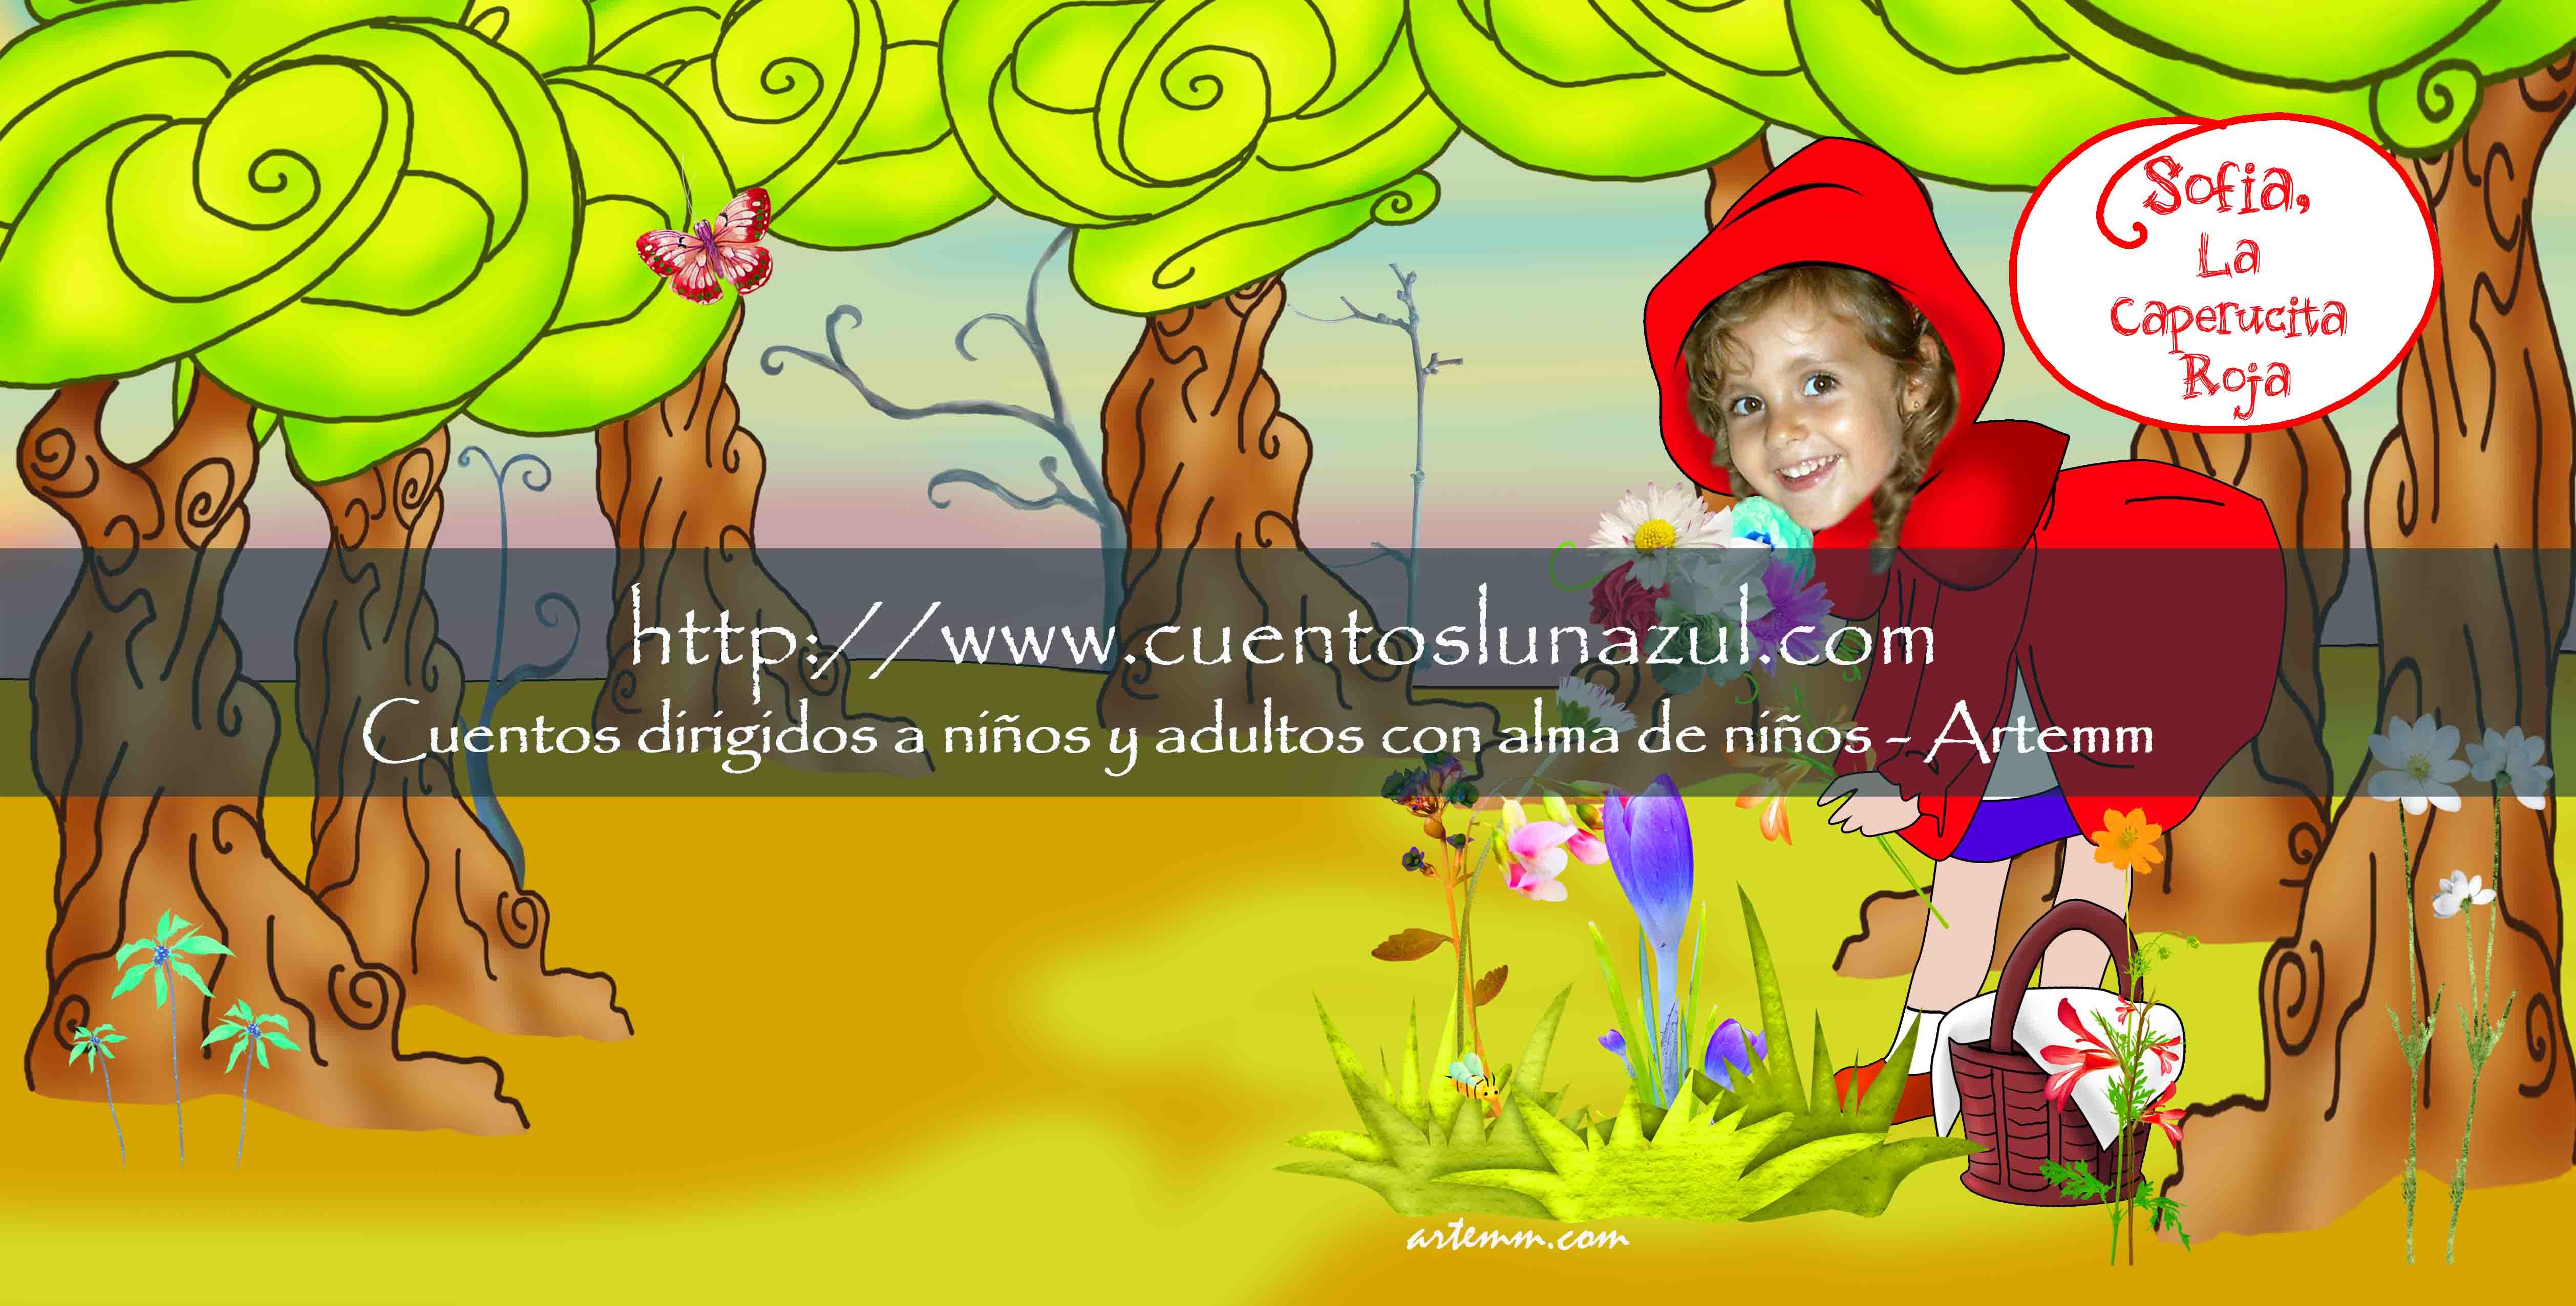 Sofía, la Caperucita roja